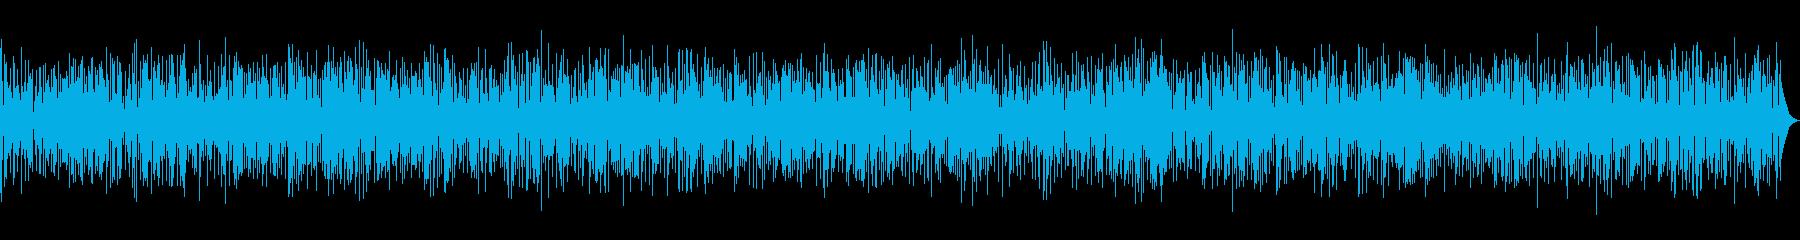 切なくメロディアスなアコーディオンジャズの再生済みの波形